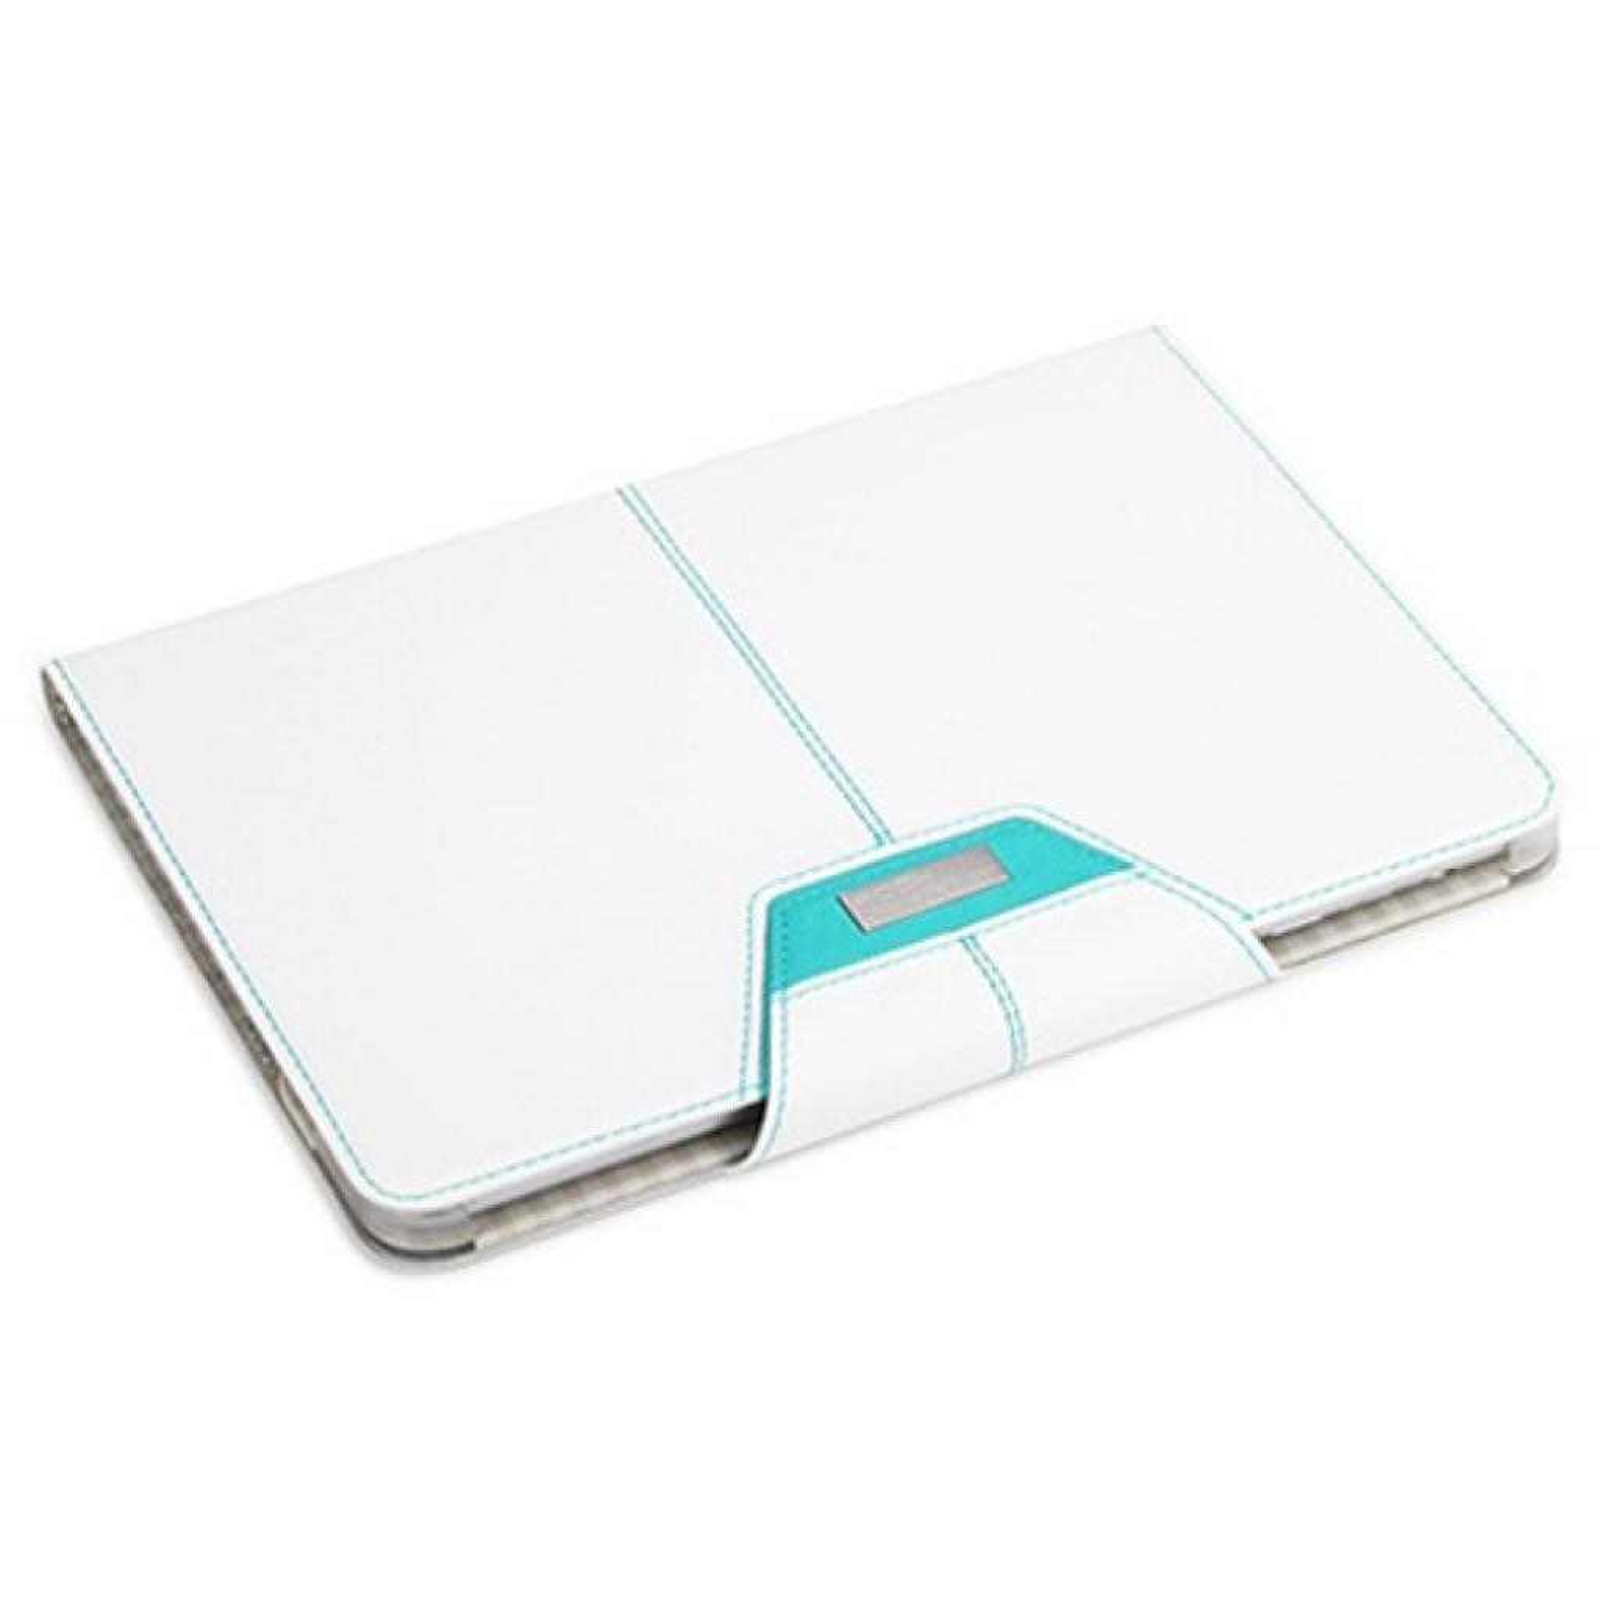 Чехол для планшета Rock iPad mini Retina Excel series white (Retina-59515)